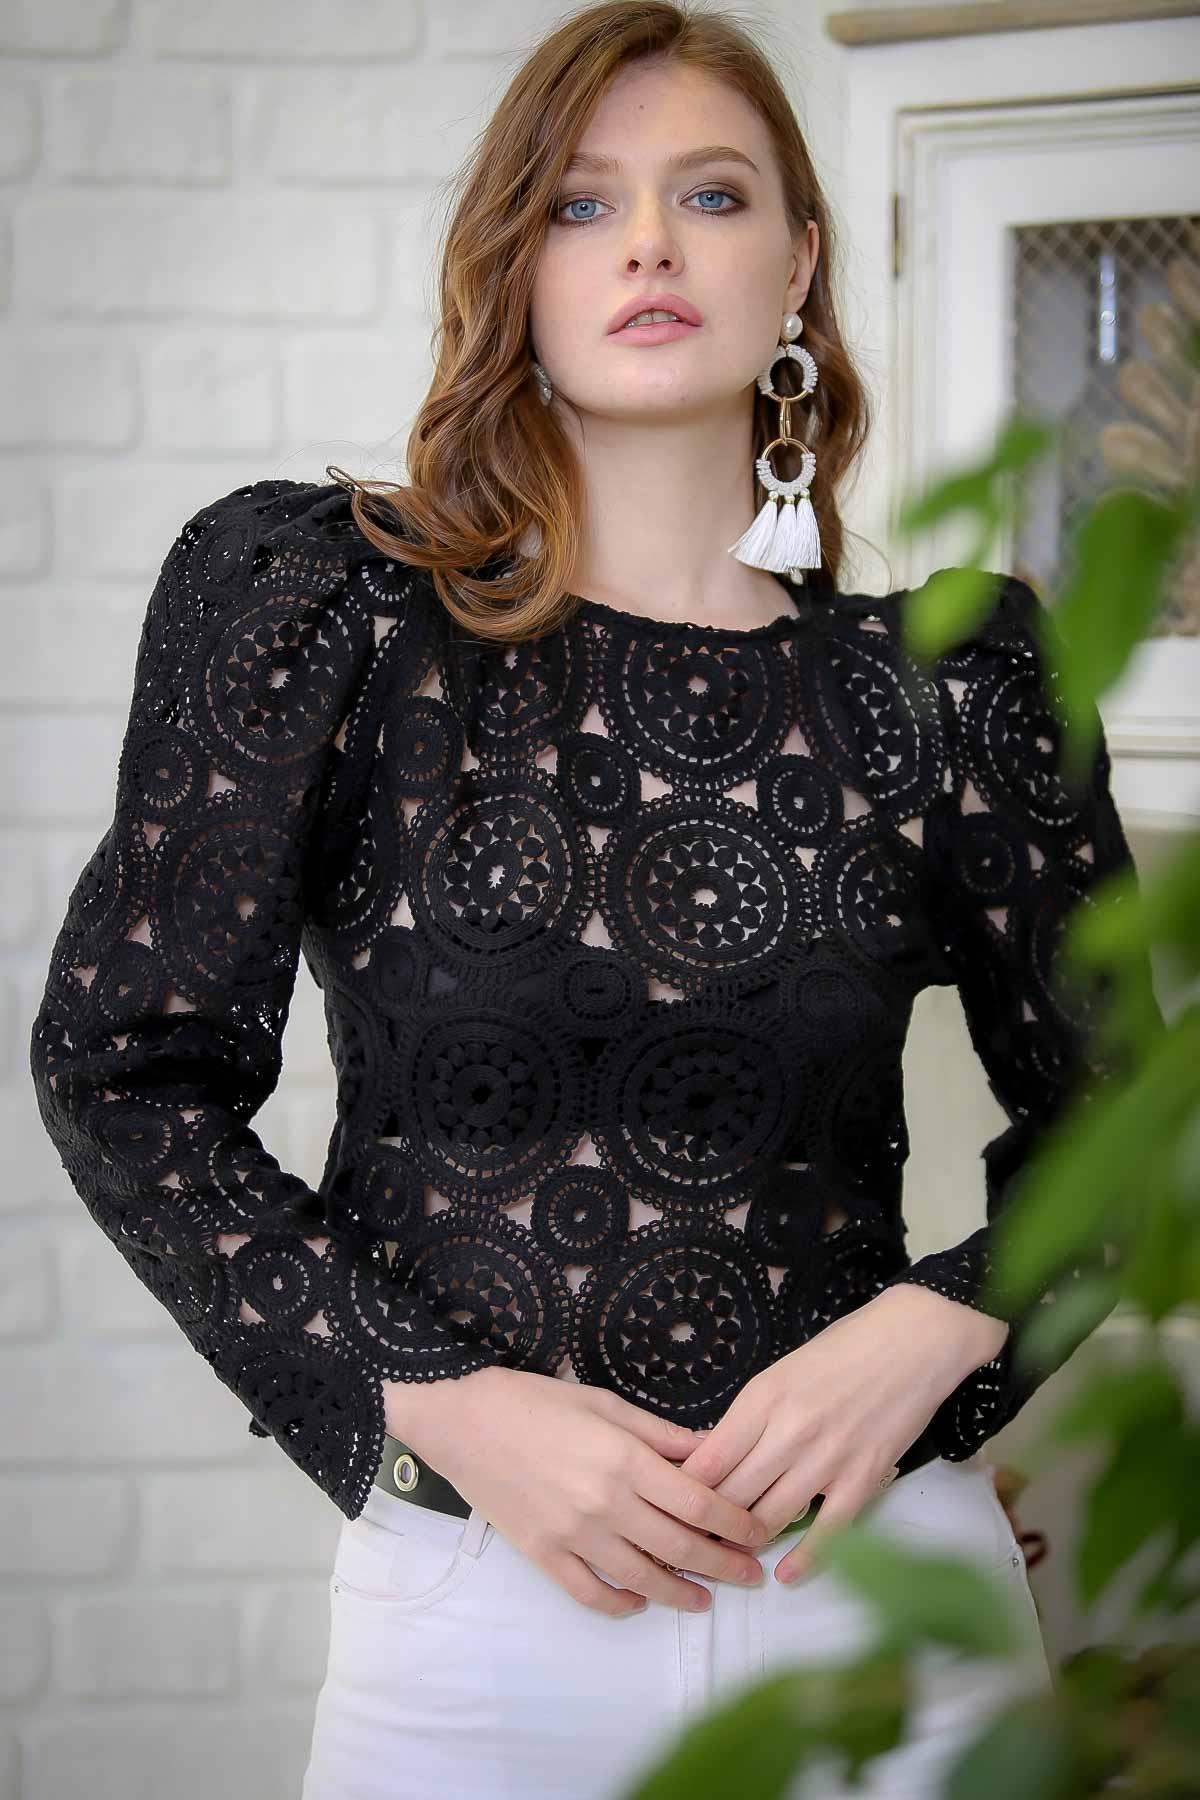 Vintage crochet blouse looking slice detail